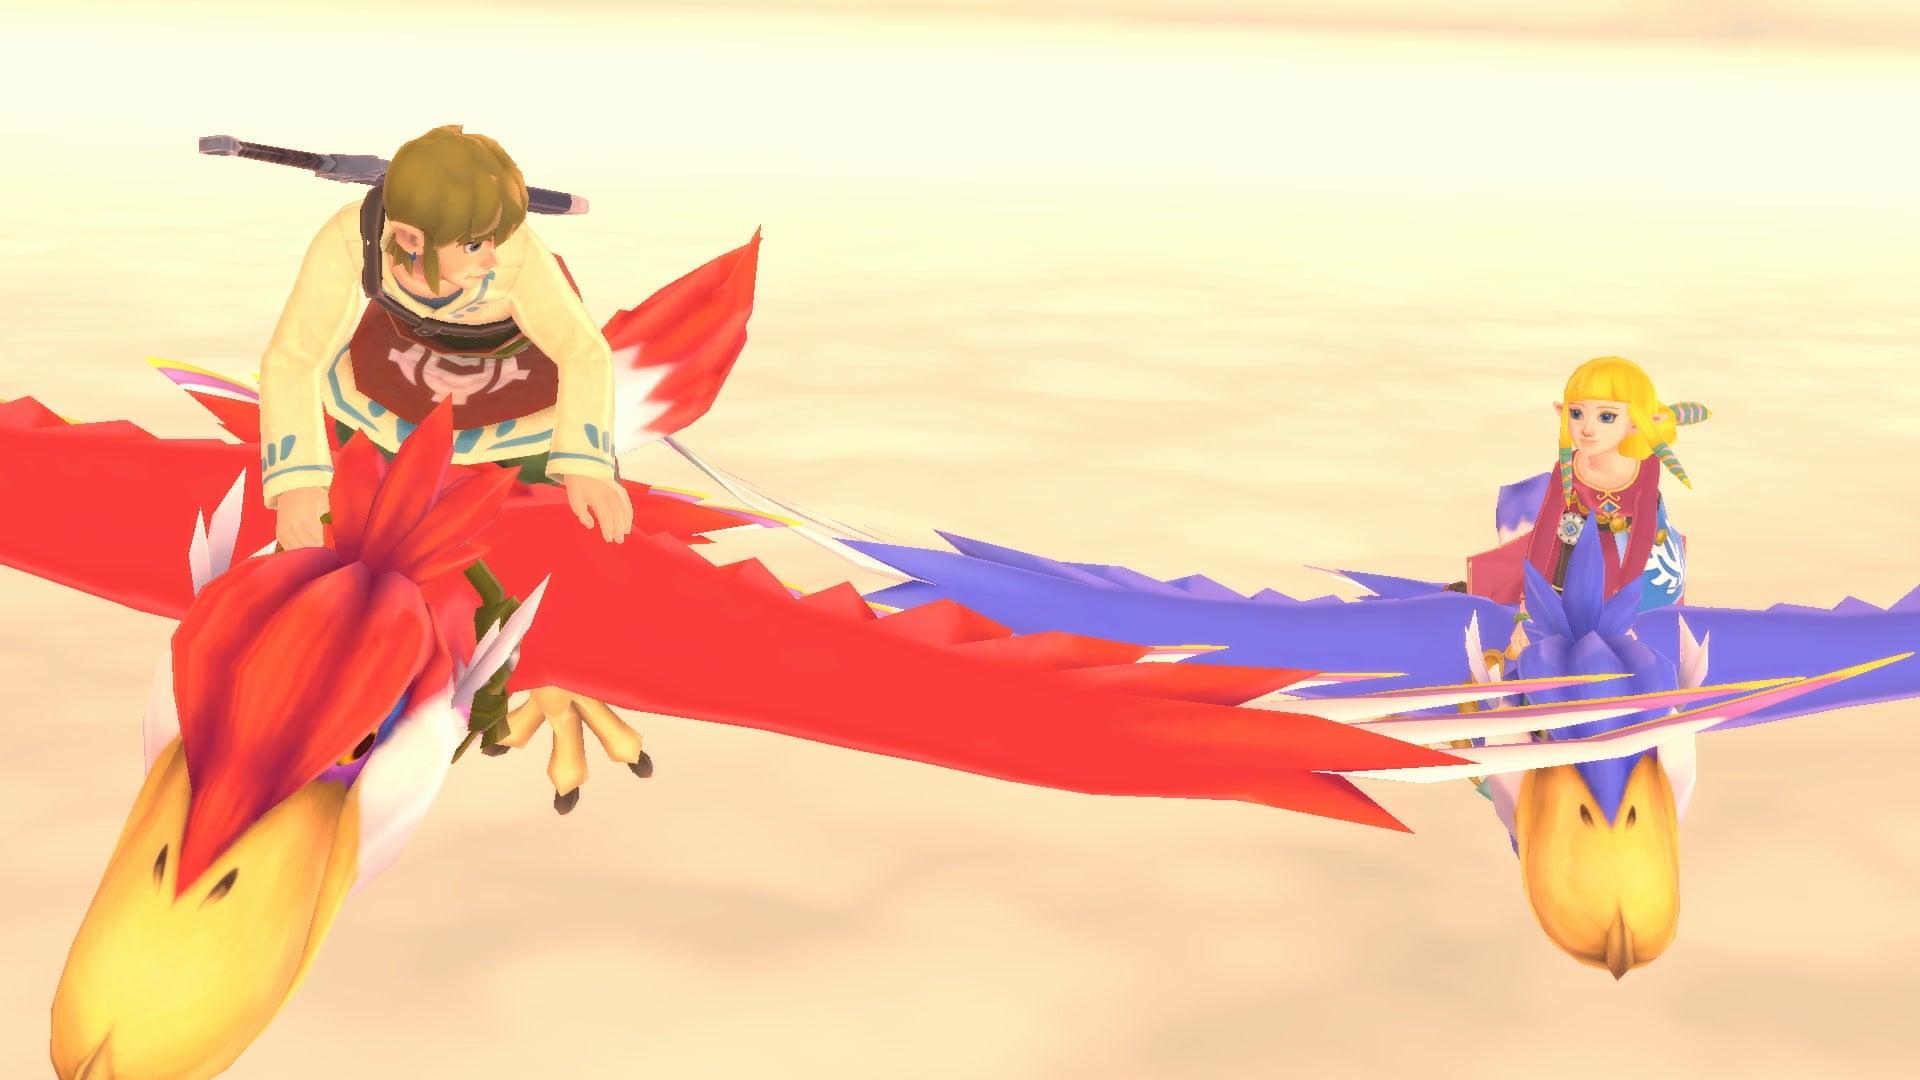 7月16日(五)發售Nintendo Switch《薩爾達傳說 禦天之劍 HD》,同時全新amiibo「薩爾達 & 洛夫特飛鳥」亦登場。    這是「禦天之劍」裡登場的薩爾達和夥伴藍色洛夫特飛鳥兩者一同站著的amiibo。  薩爾達是主角林克的青梅竹馬,是一位時常關心林克的少女。  洛夫特飛鳥是棲息在浮島「天空洛夫特」上的大鳥,  人們乘坐著洛夫特飛鳥在天空中移動,過著生活。      ※遊戲語言設定為日文時的畫面  只要使用amiibo的話……